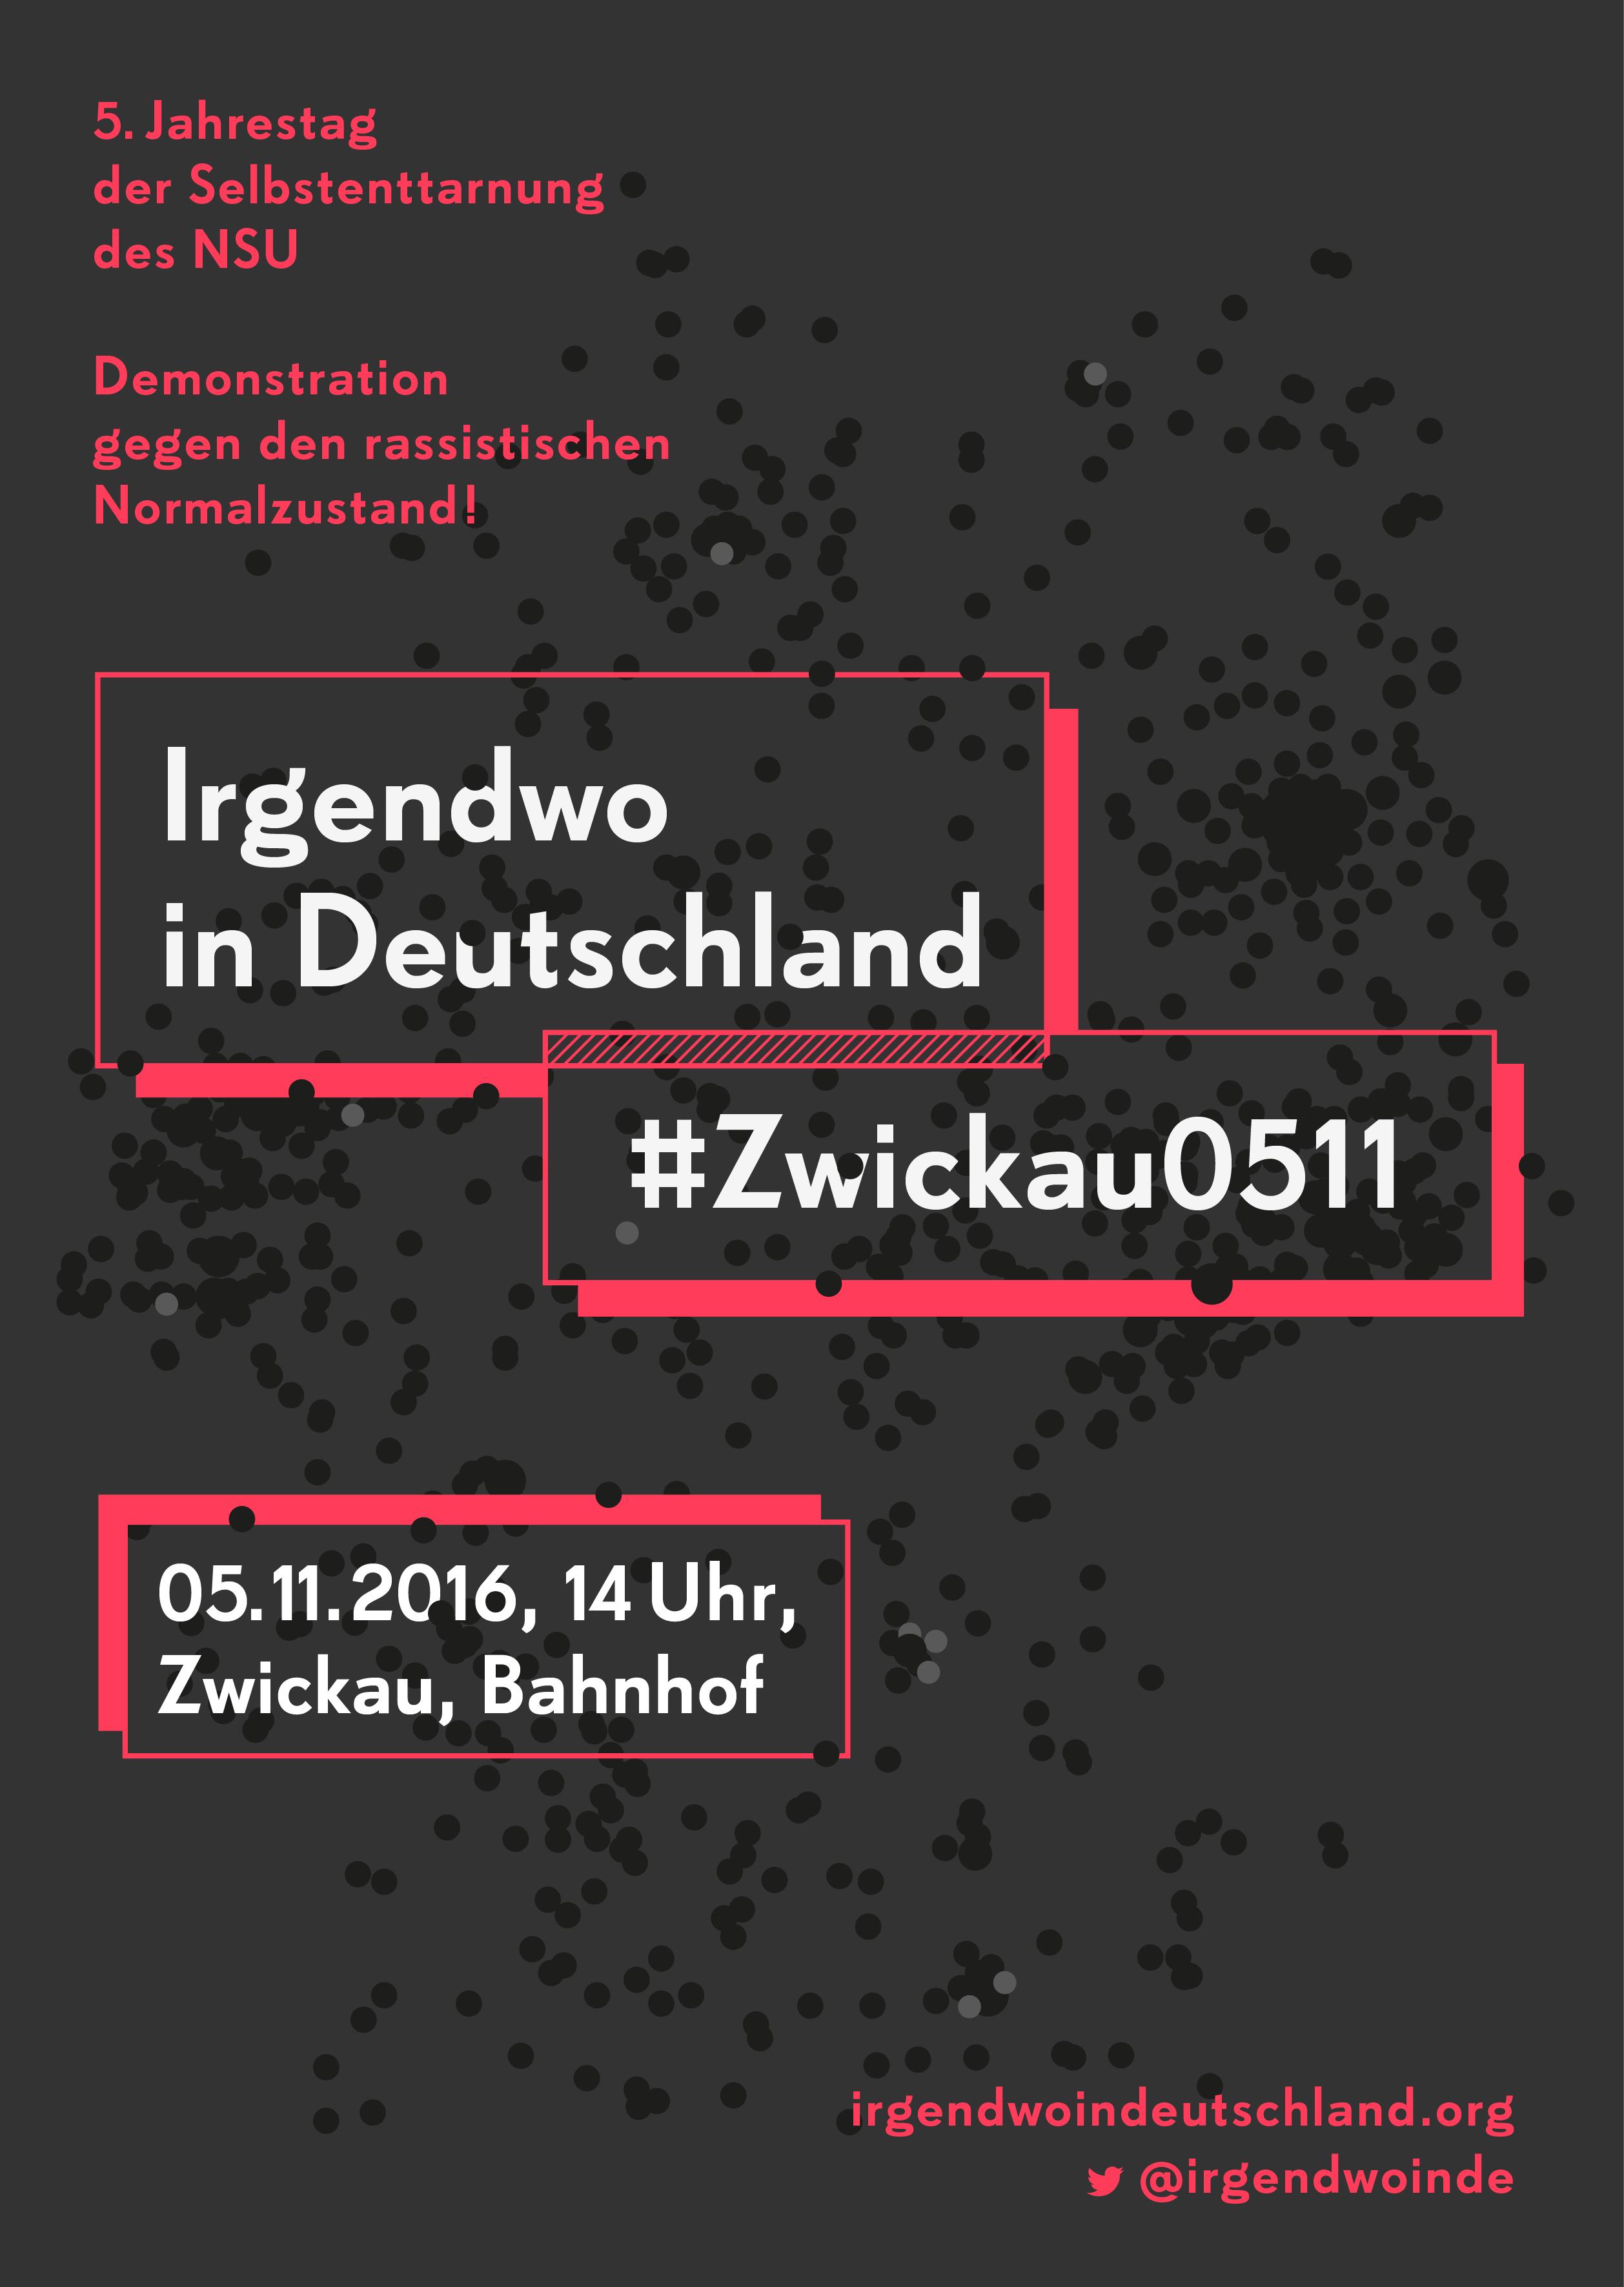 Zwickau 05.11.